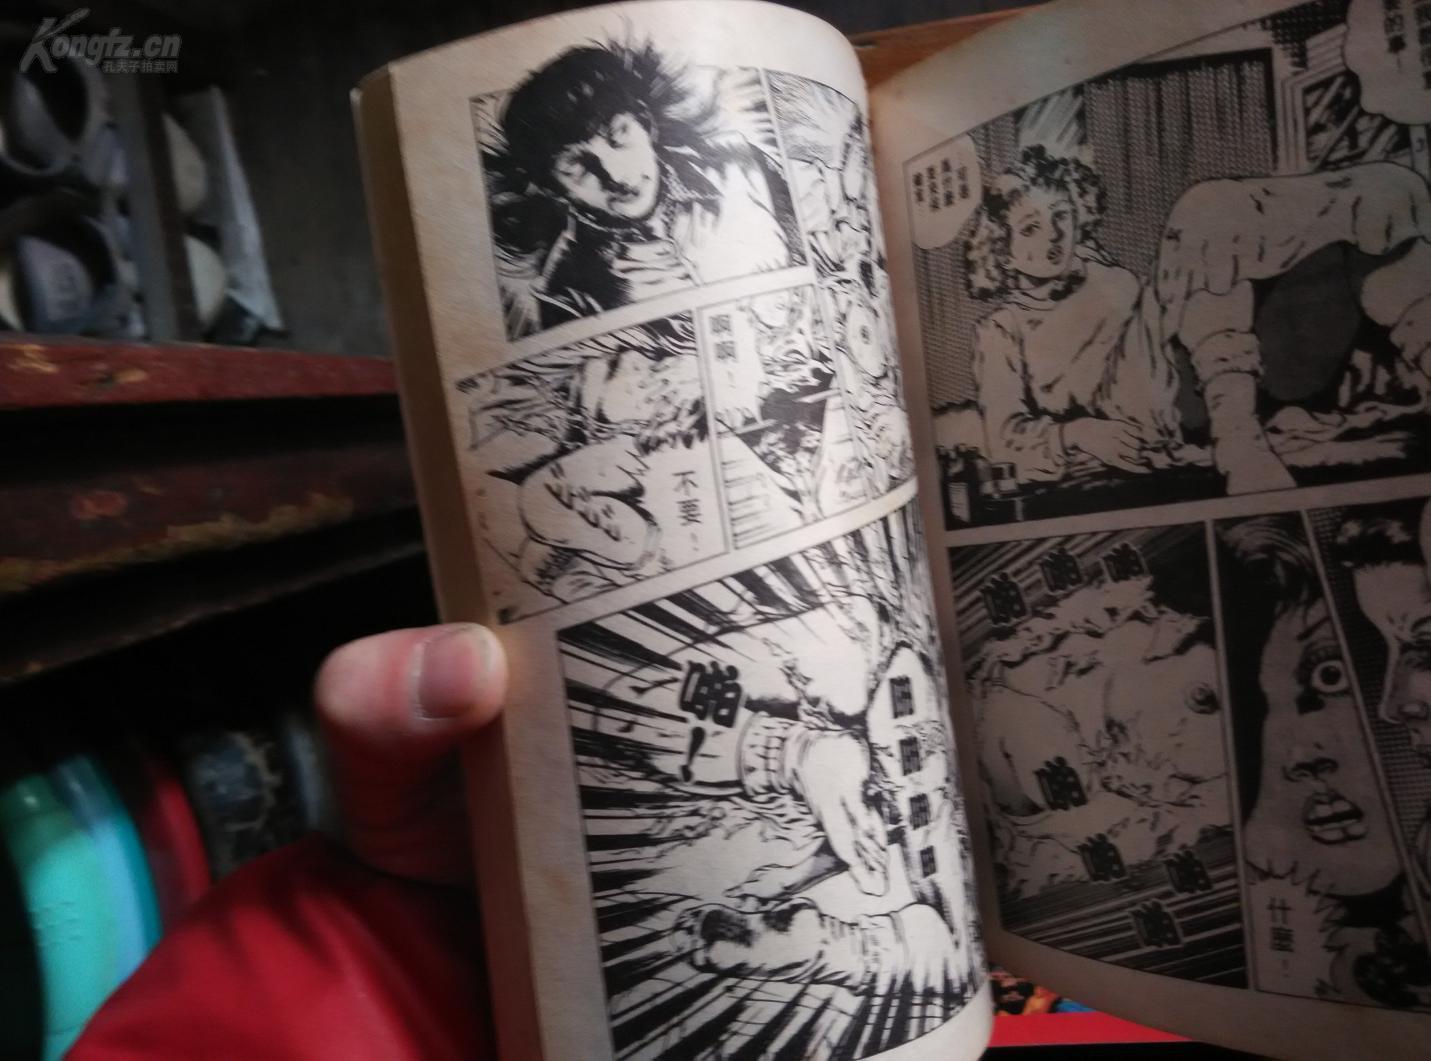 漫画前田俊夫超神传说1-4册newkindle漫画图片